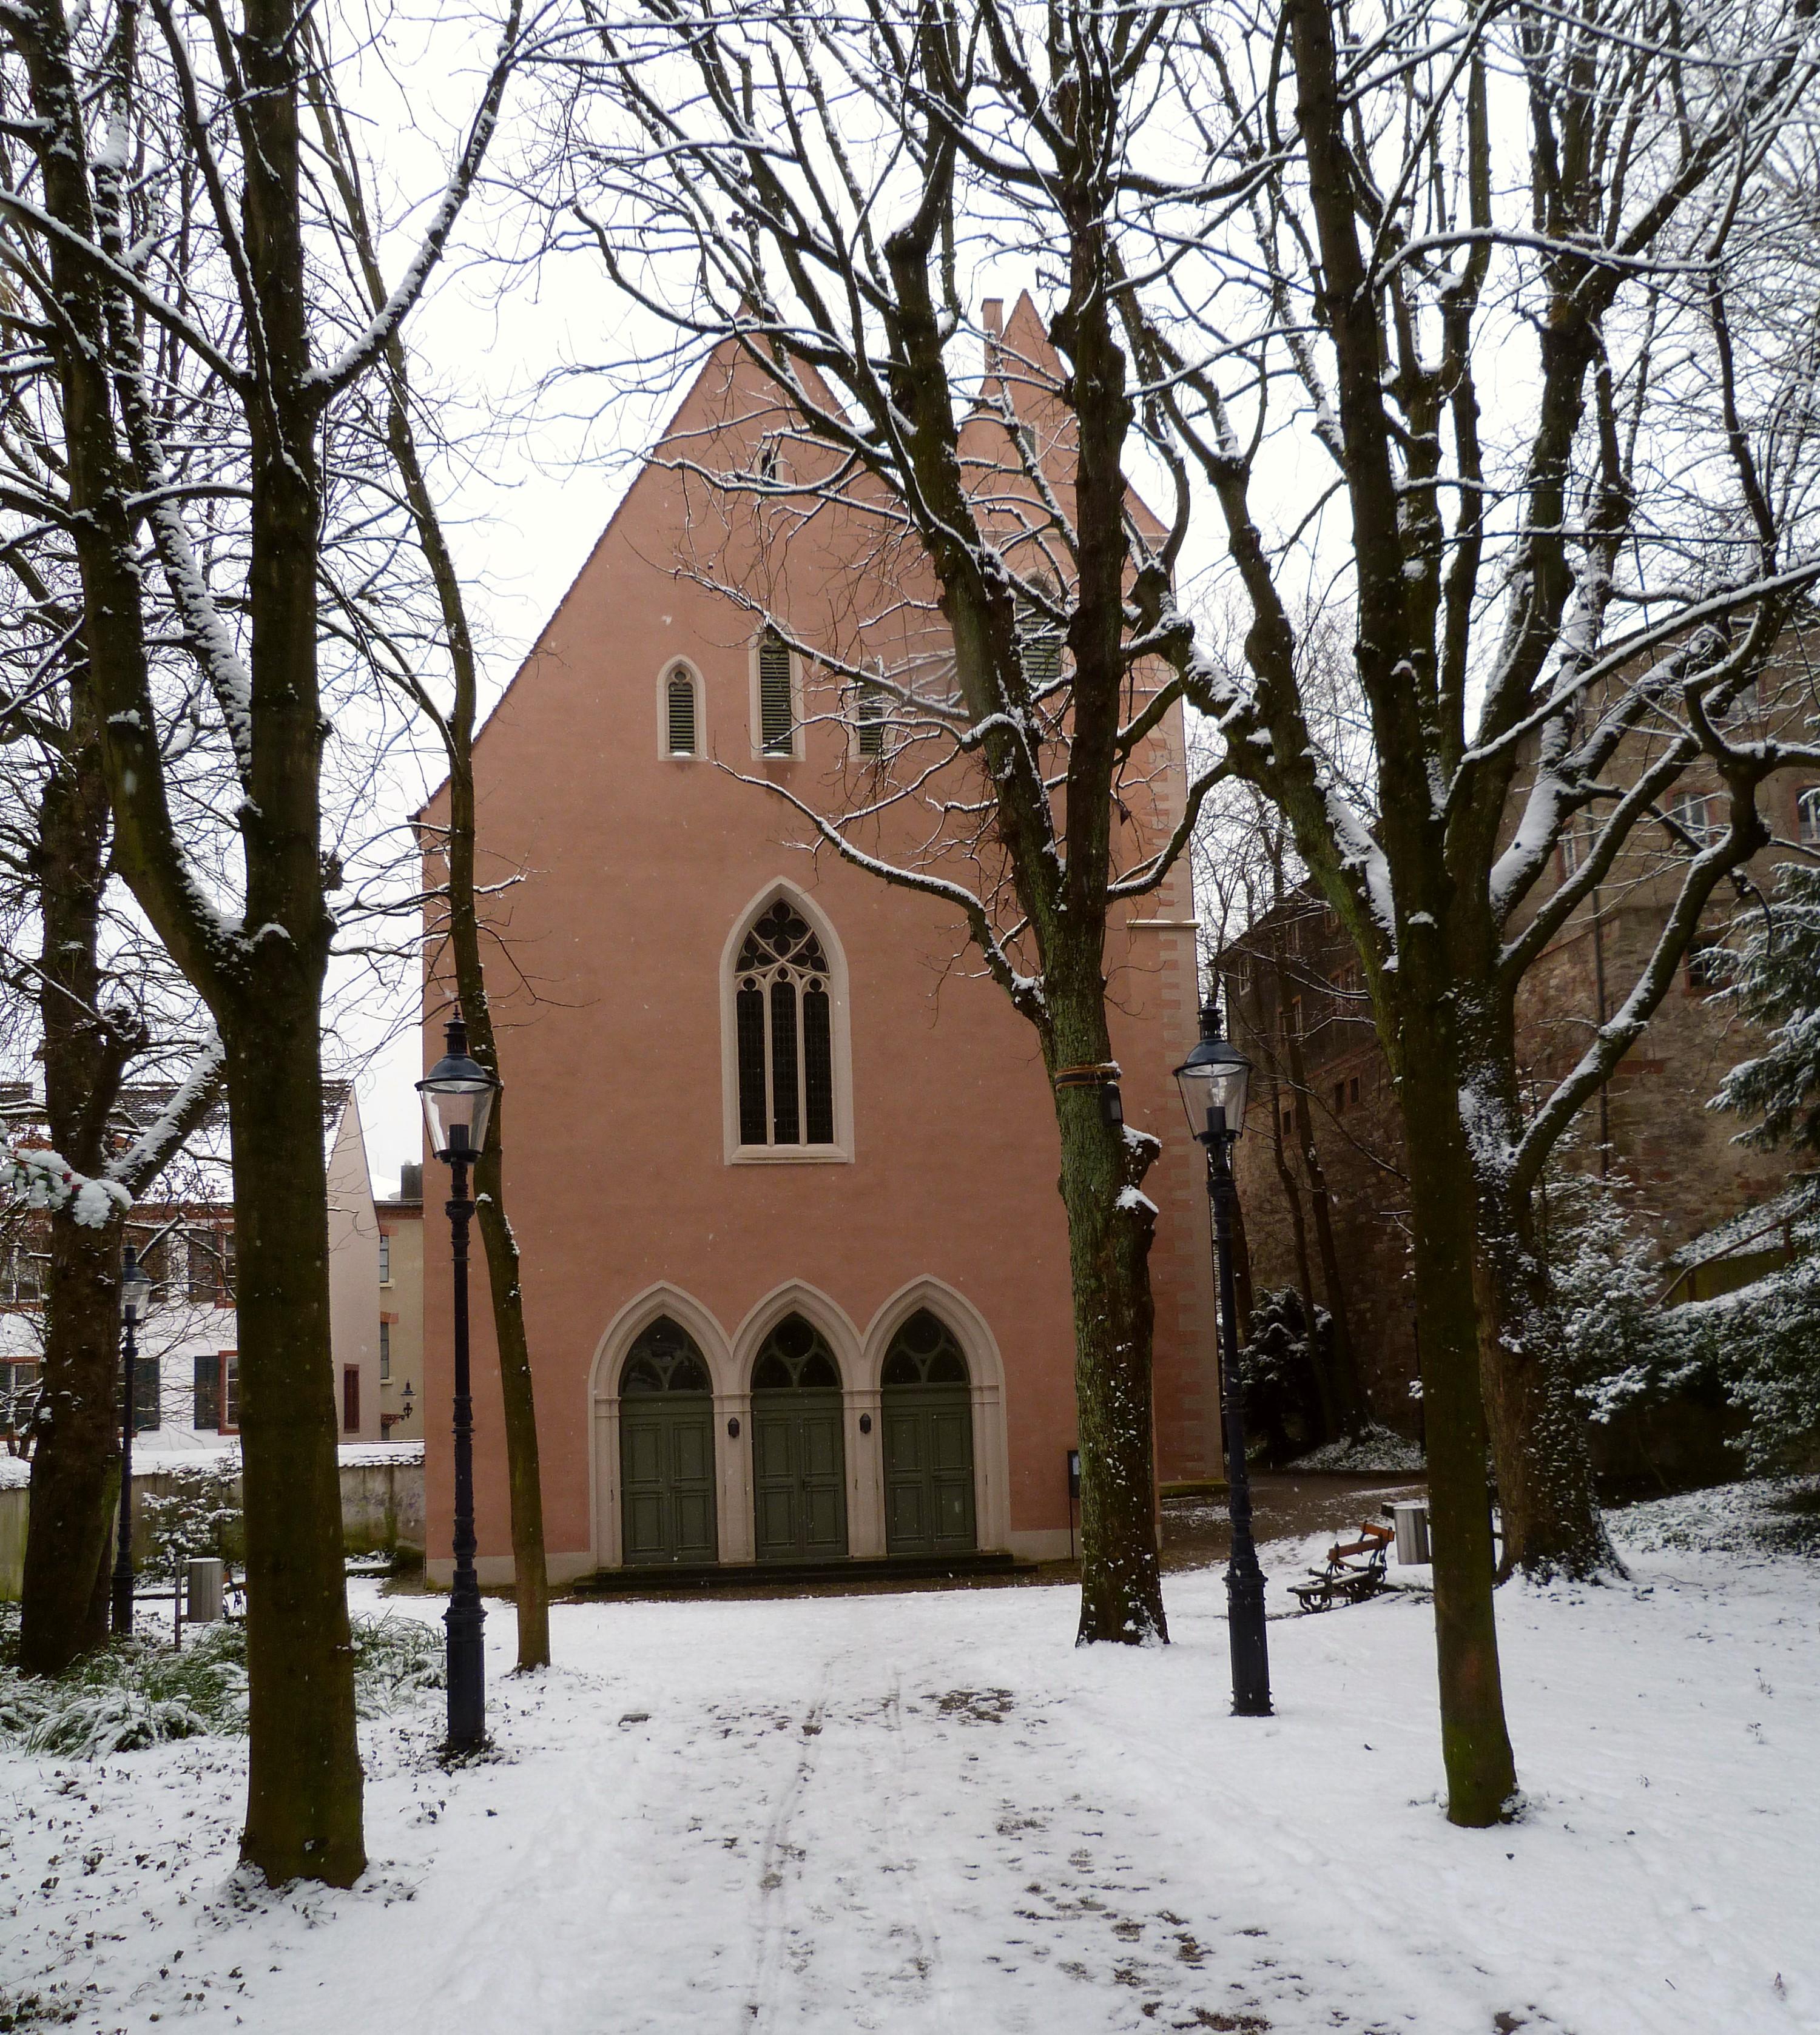 quartier de St Alban à Bâle en Suisse